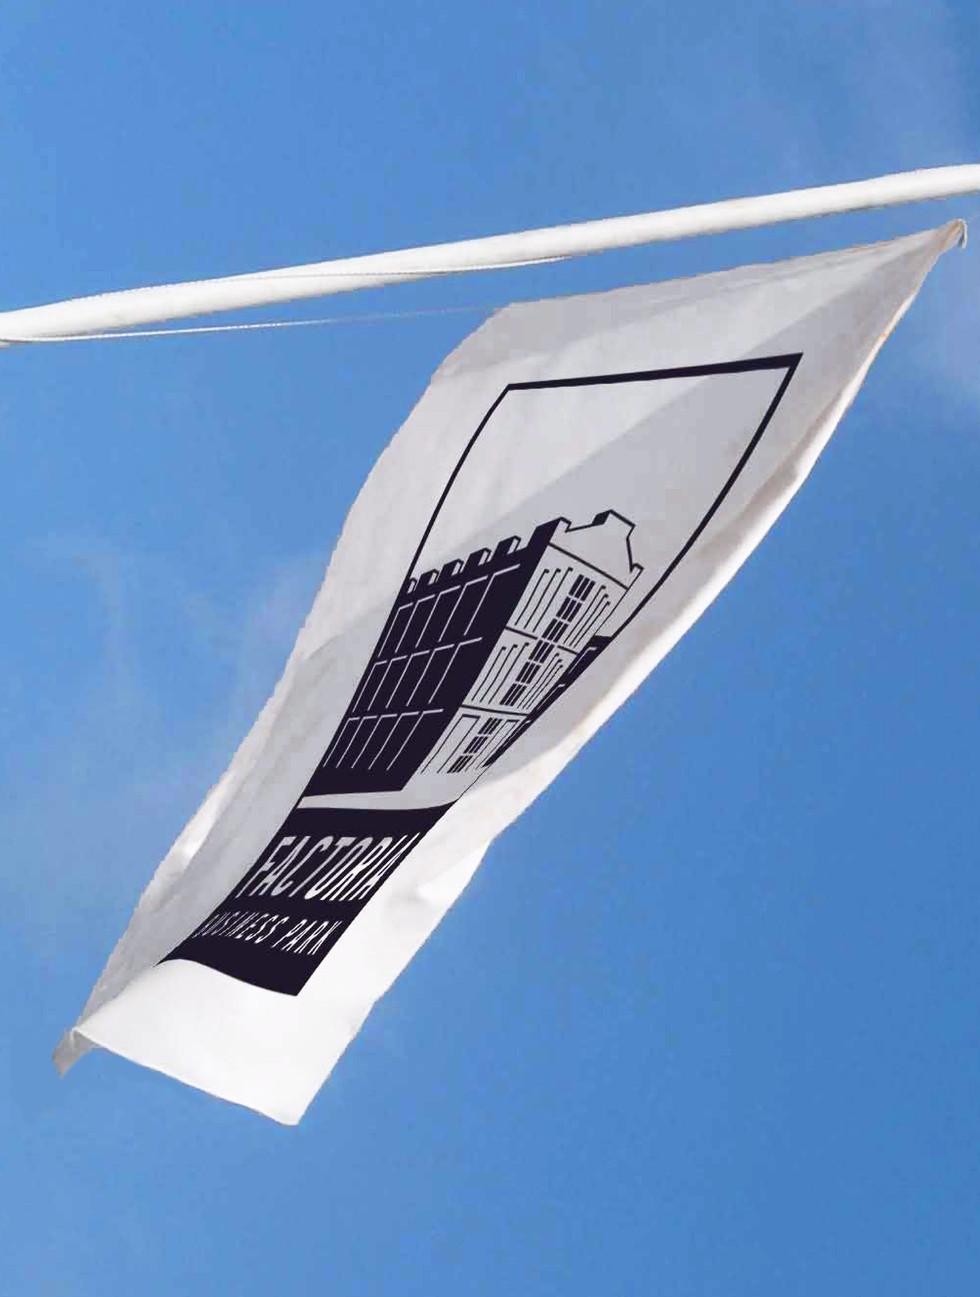 Factoria flag